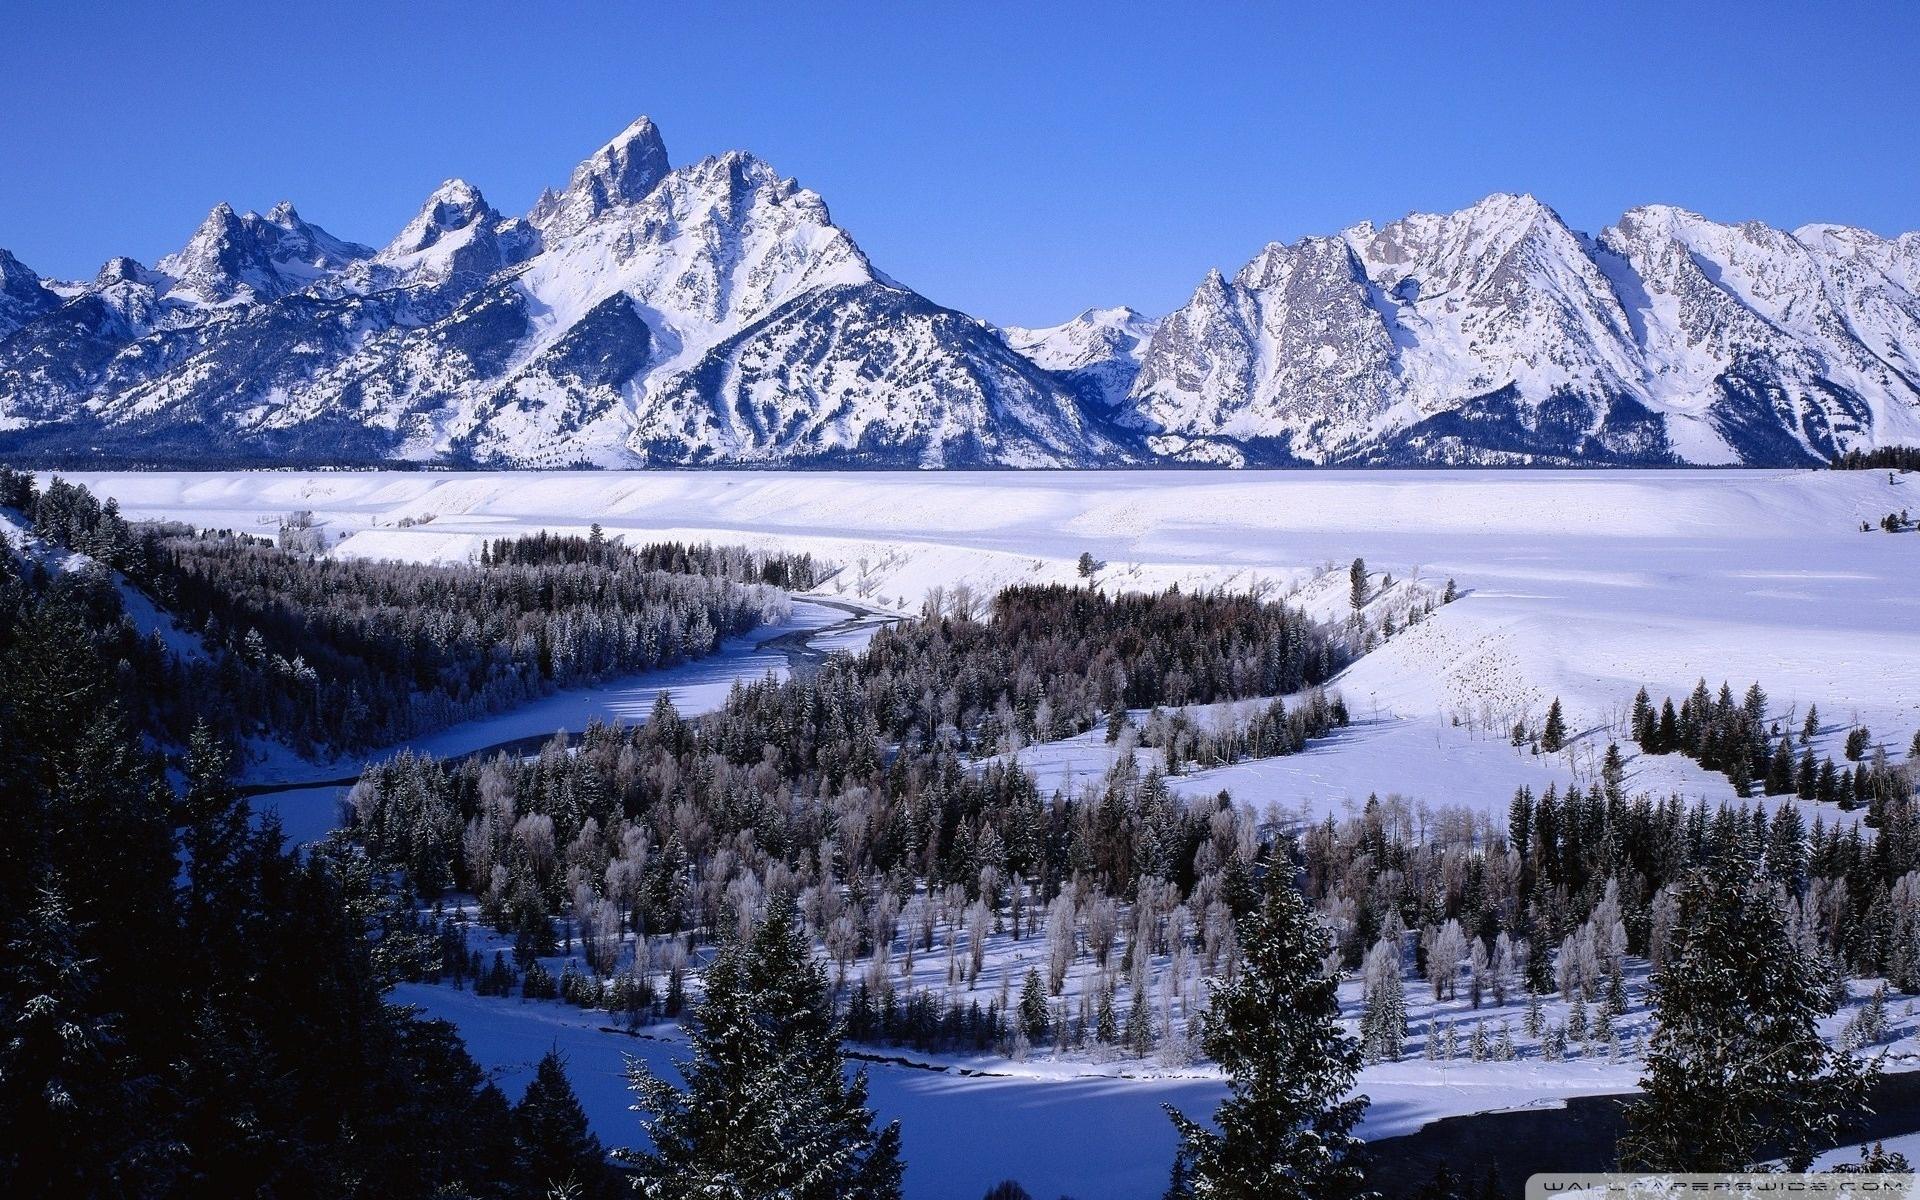 Snowy Mountain 27147 1920x1280 px